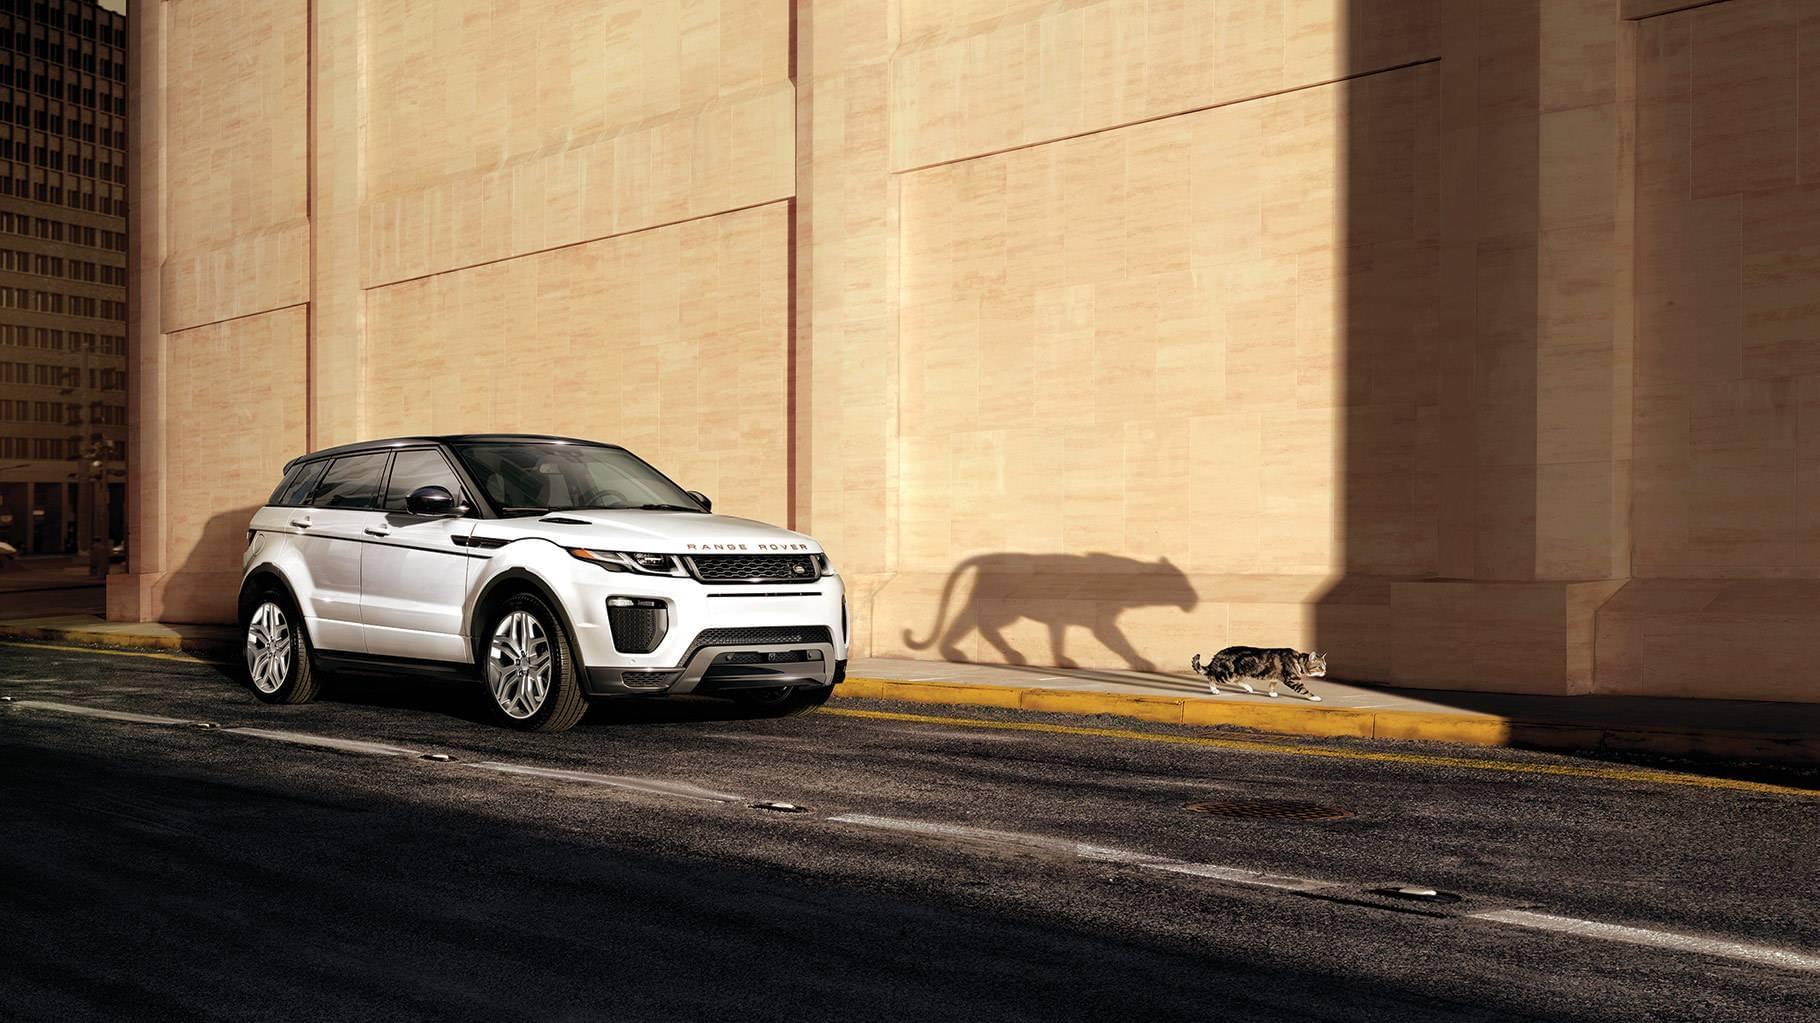 2017-Land-Rover-Range-Rover-Evoque